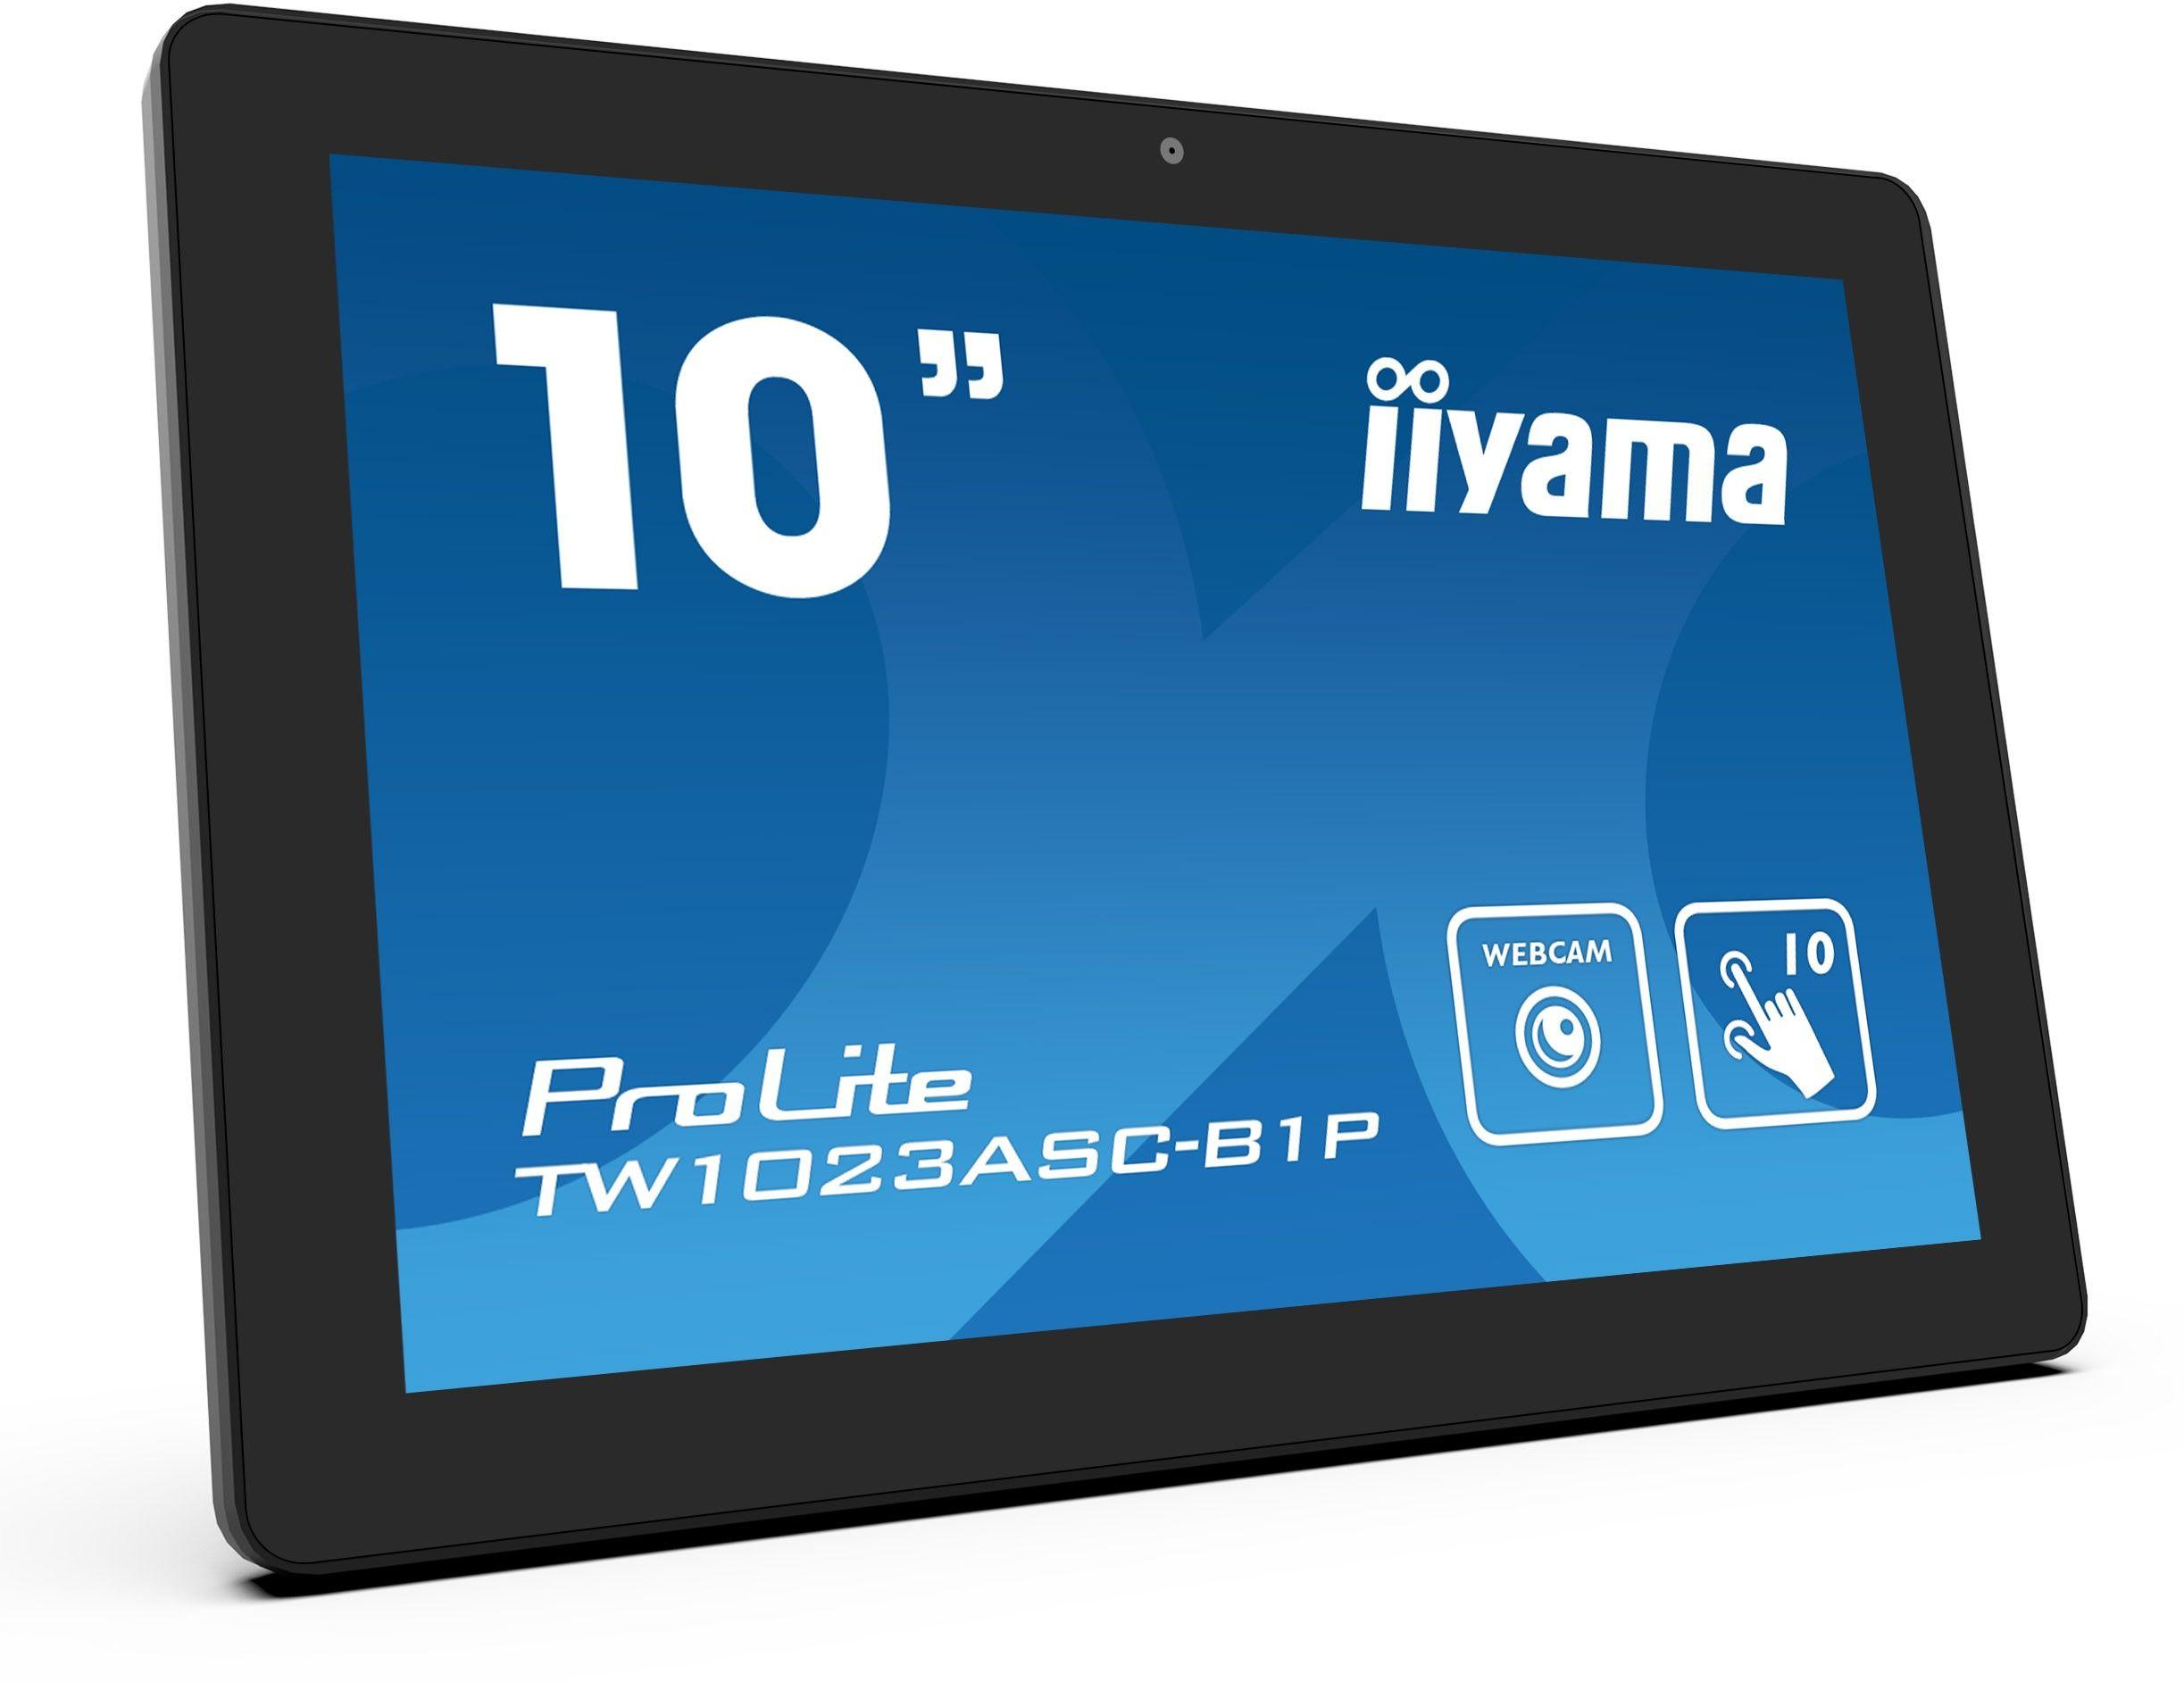 """Monitor informacyjno-reklamowy iiyama ProLite TW1023ASC-B1P 10"""" Android, PoE, Kamera, Głośniki + WYSYŁKA W 24H GRATIS !! AUTORYZOWANY SKLEP IIYAMA"""